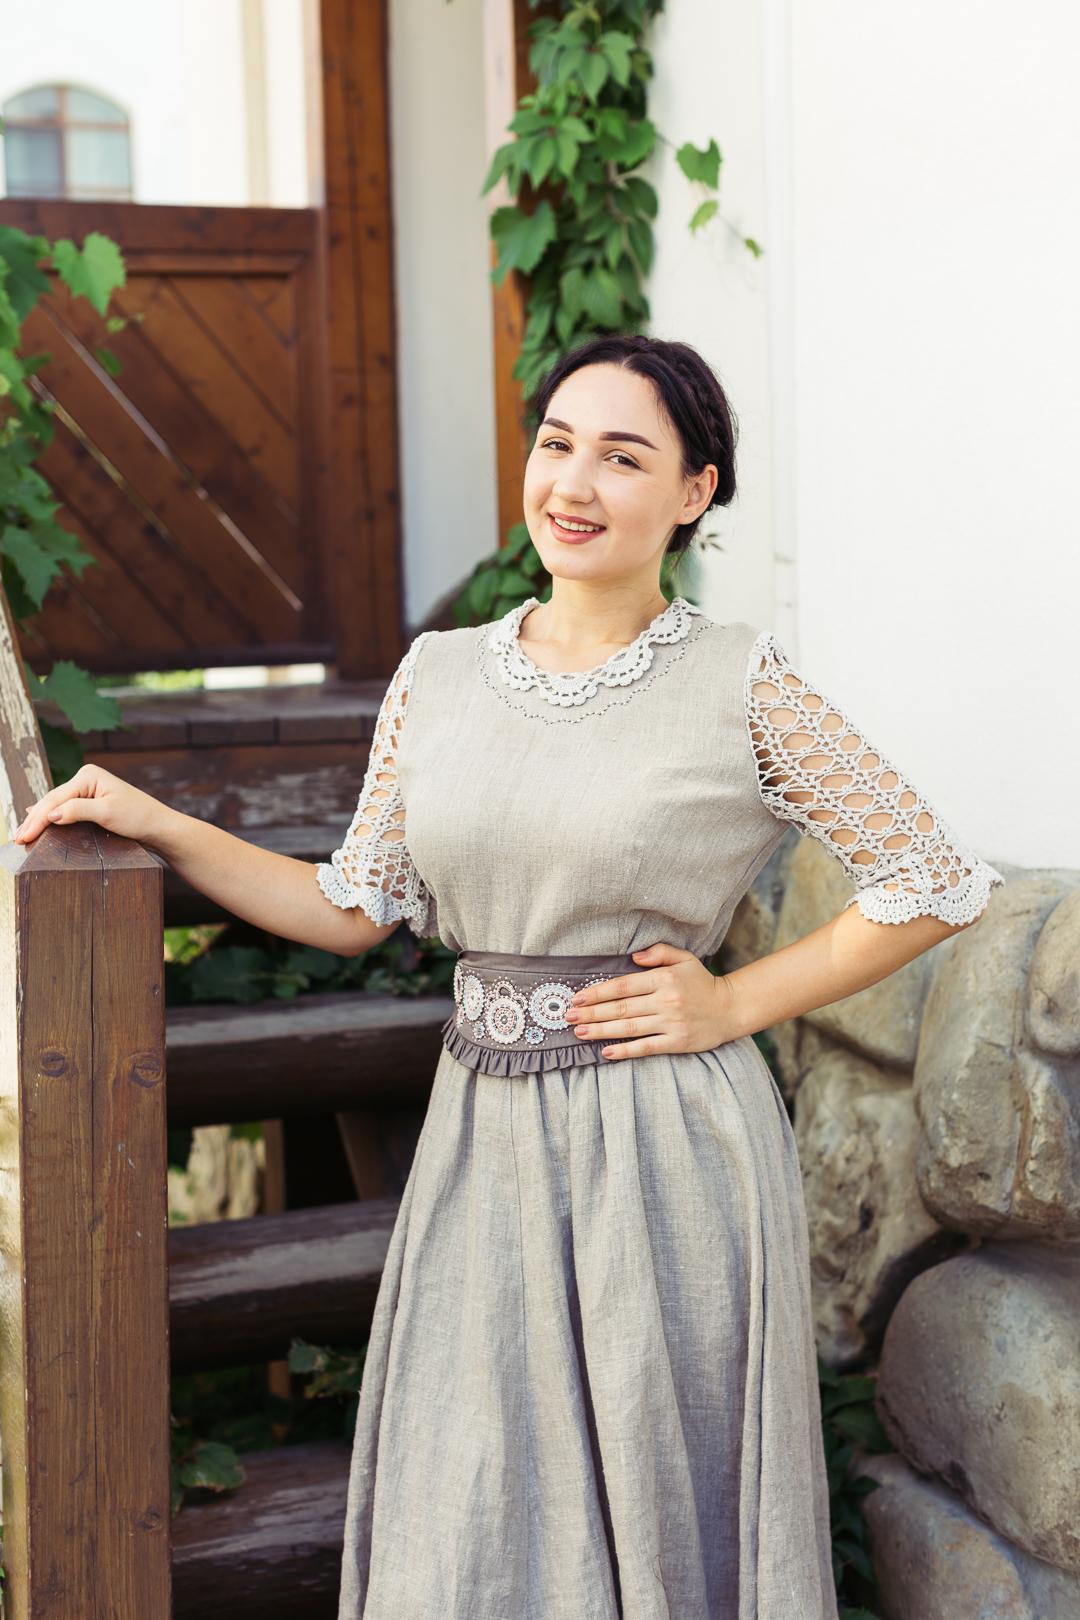 платье льняноев русском стиле